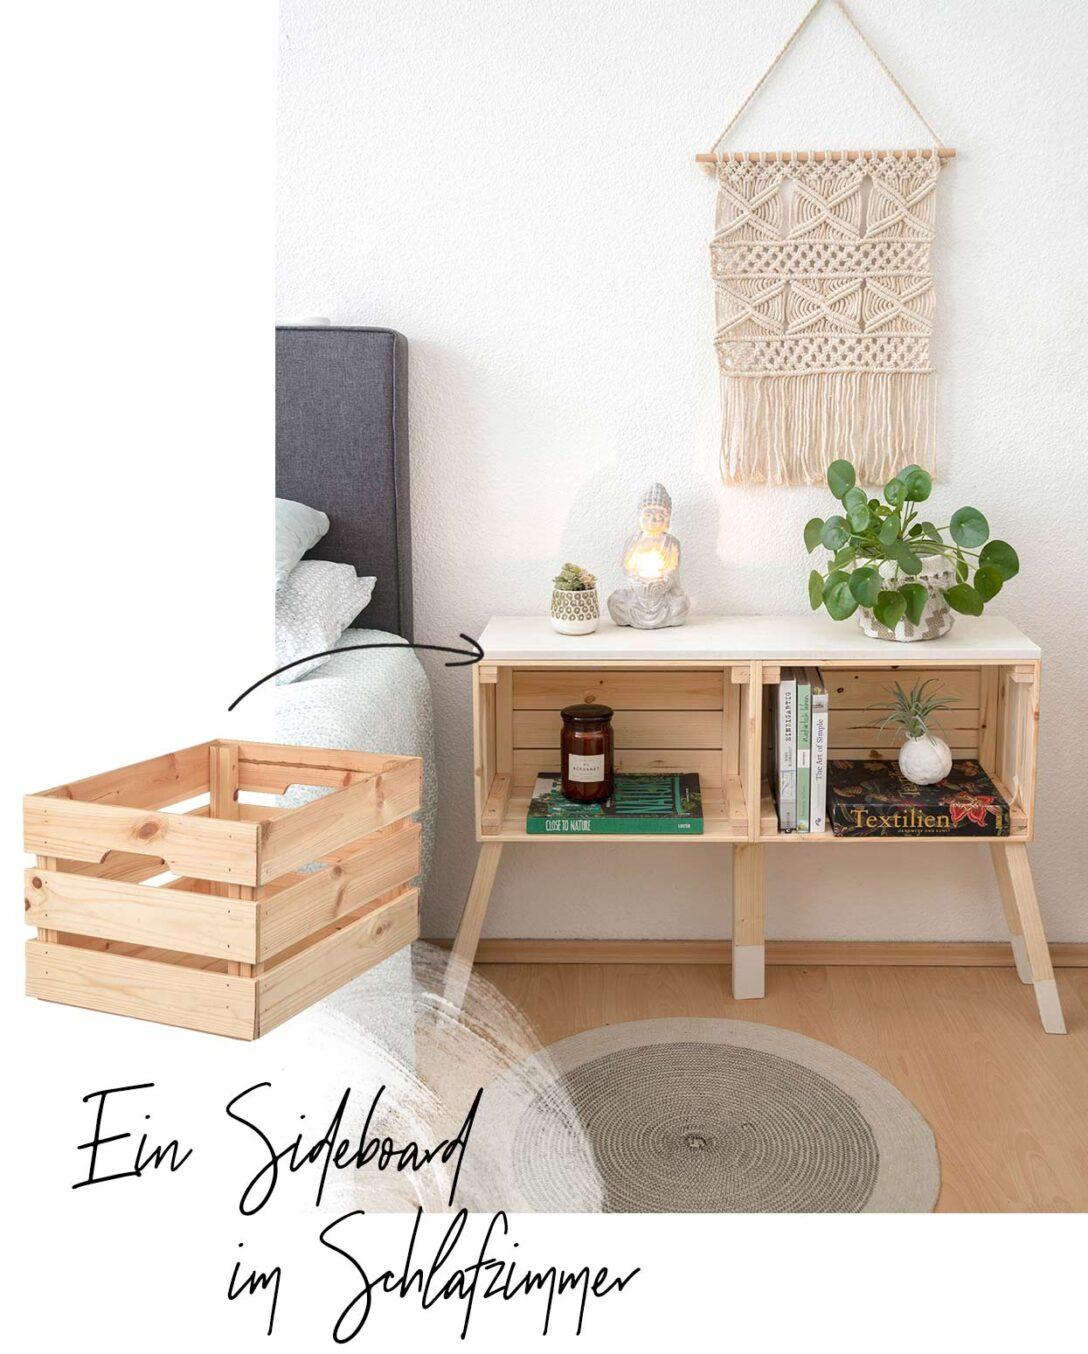 Large Size of Sideboard Mit Ikea Kisten Selber Bauen Wohnklamotte Anrichte Küche Kosten Miniküche Modulküche Kaufen Betten 160x200 Sofa Schlaffunktion Bei Wohnzimmer Anrichte Ikea